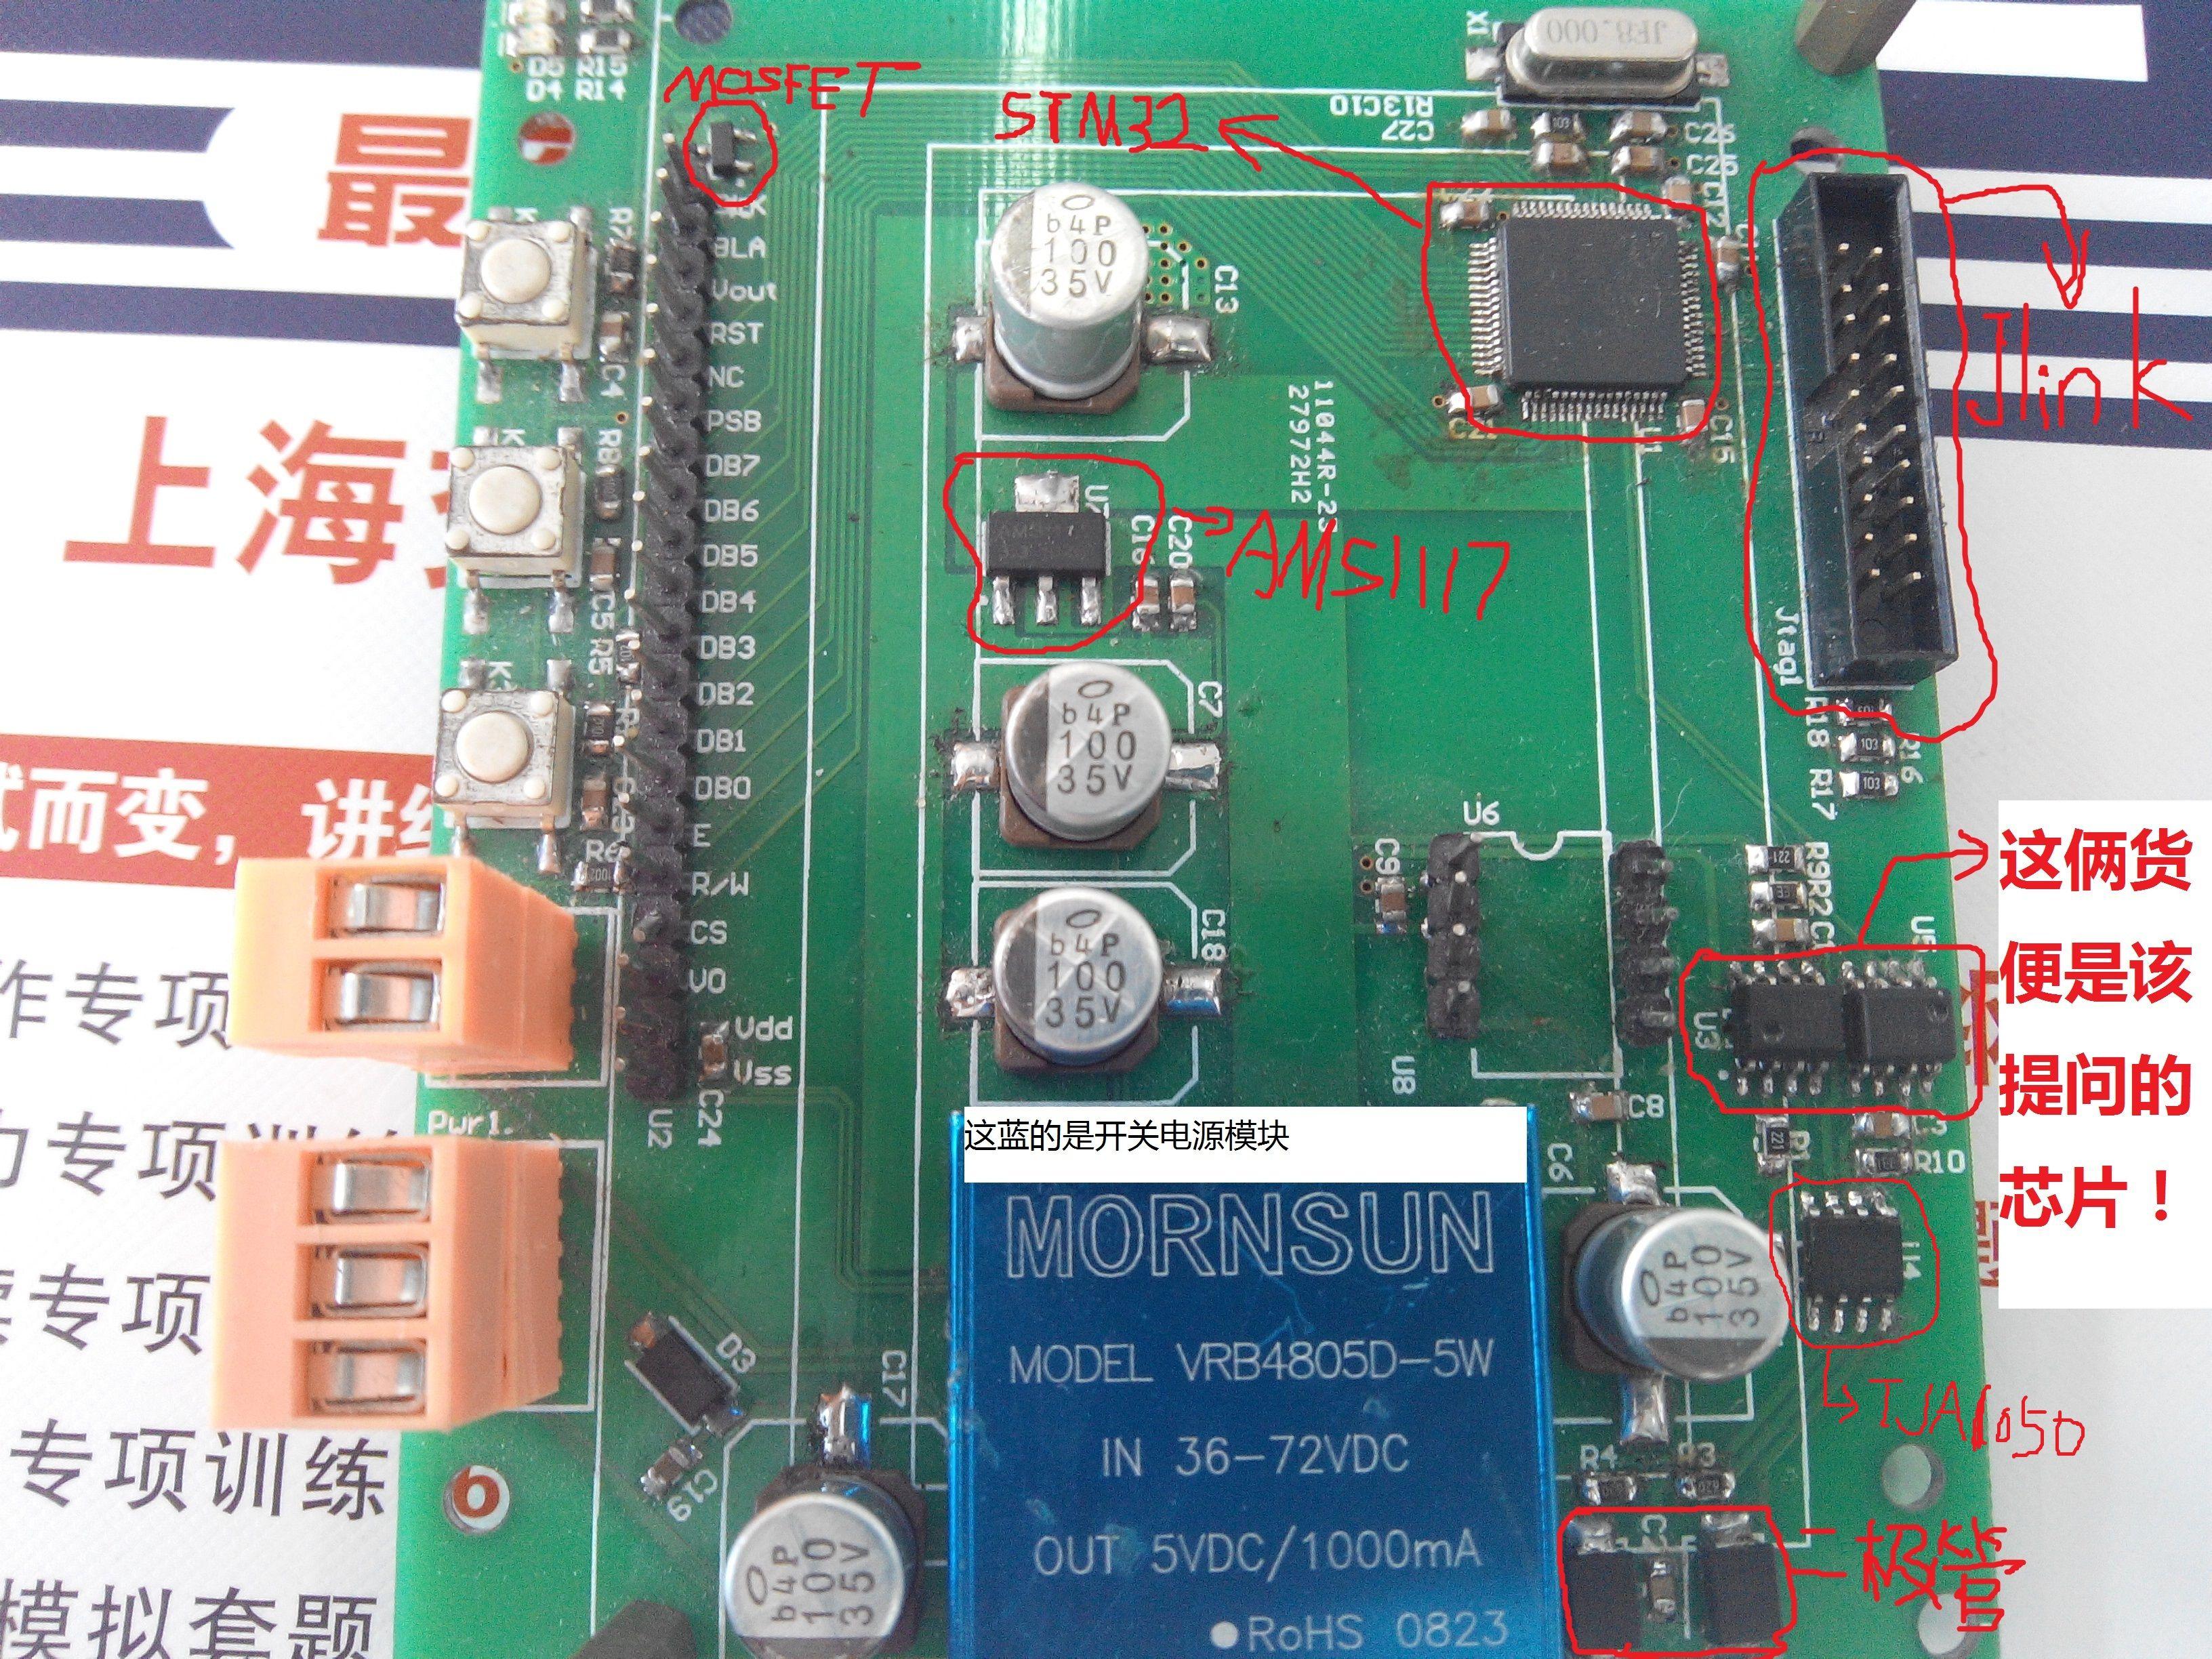 该电路板是个用来产生高压静电的直流电源.